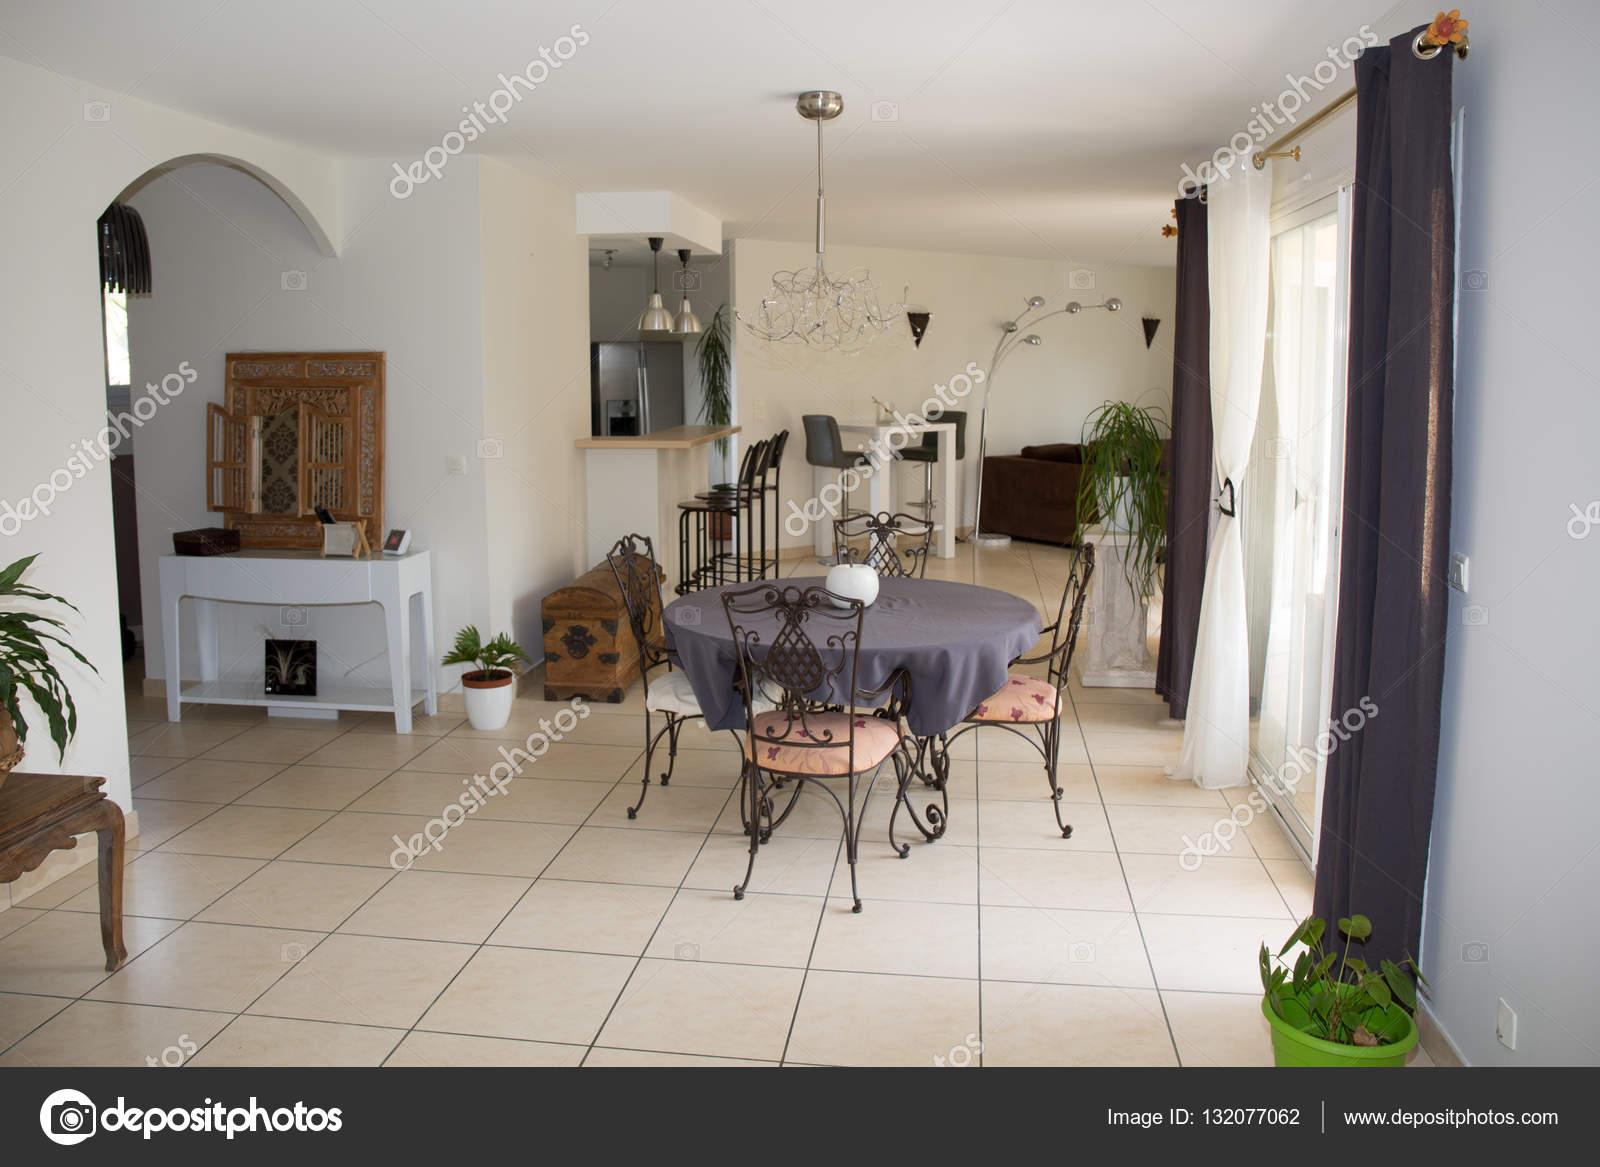 Wunderbar Moderne Wohnzimmer. Möbel Set Mit Tisch Und Stühlen U2014 Stockfoto